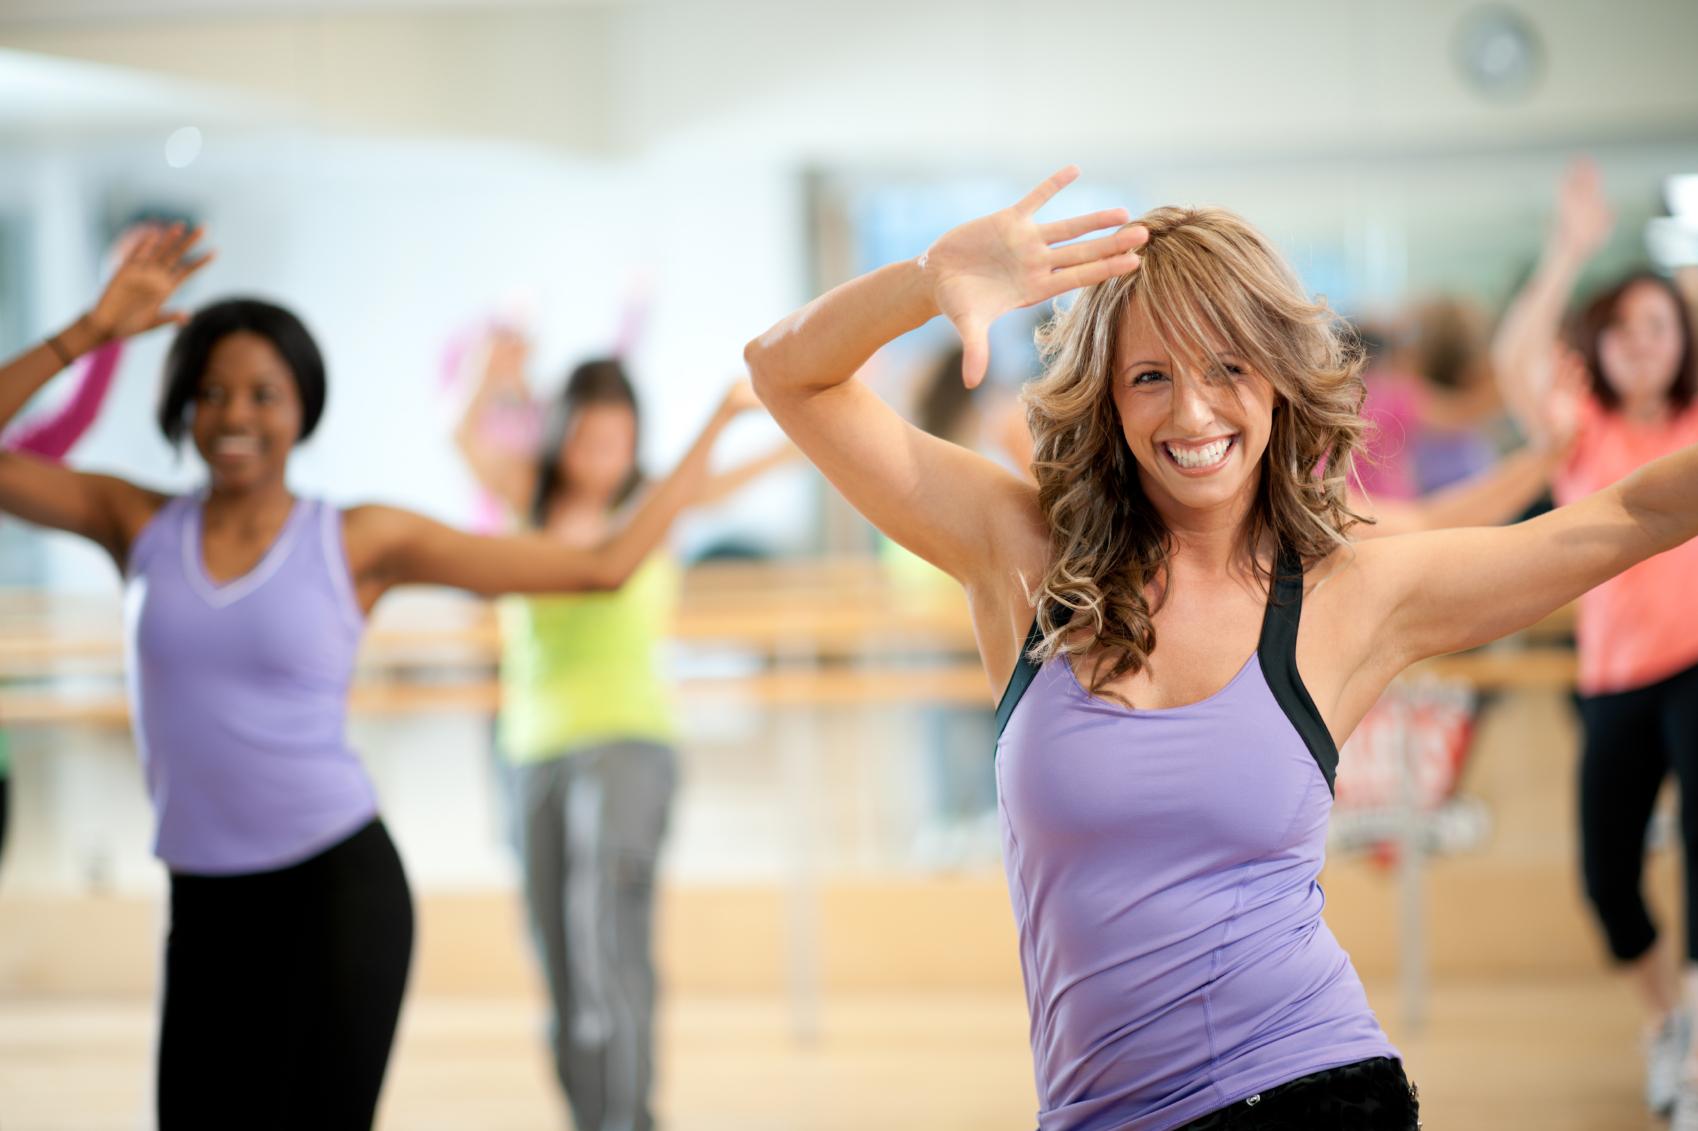 Танцы Для Похудения Уроки Зумбы. Зумба для начинающих: видео уроки (топ 20), описание программы, отзывы занимающихся